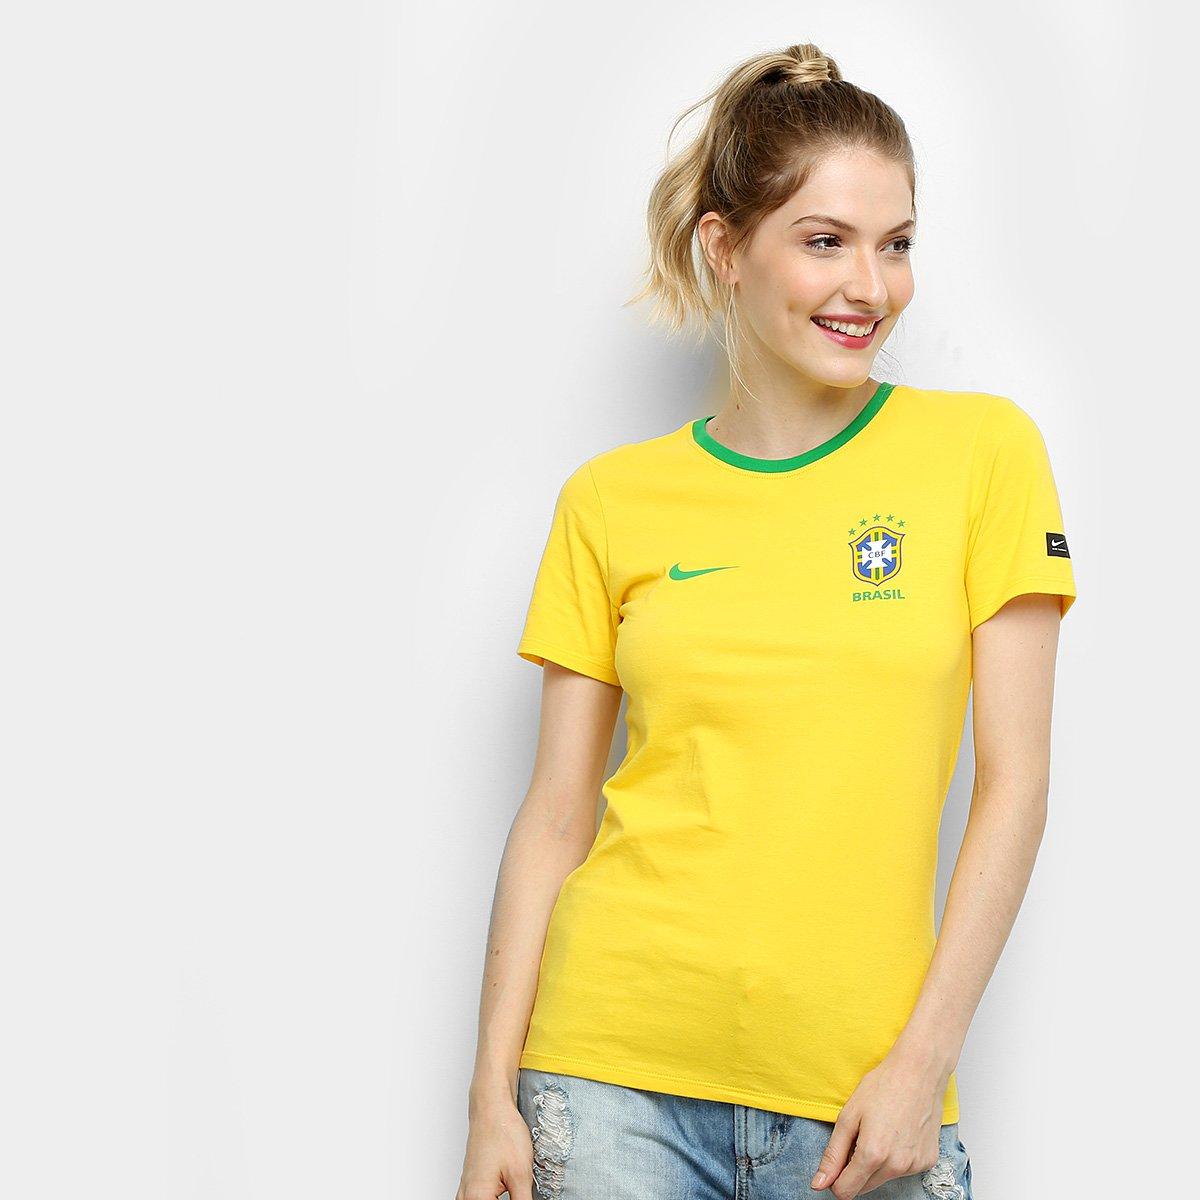 e184cea294 Camiseta Seleção Brasil Nike Crest Feminina - Compre Agora